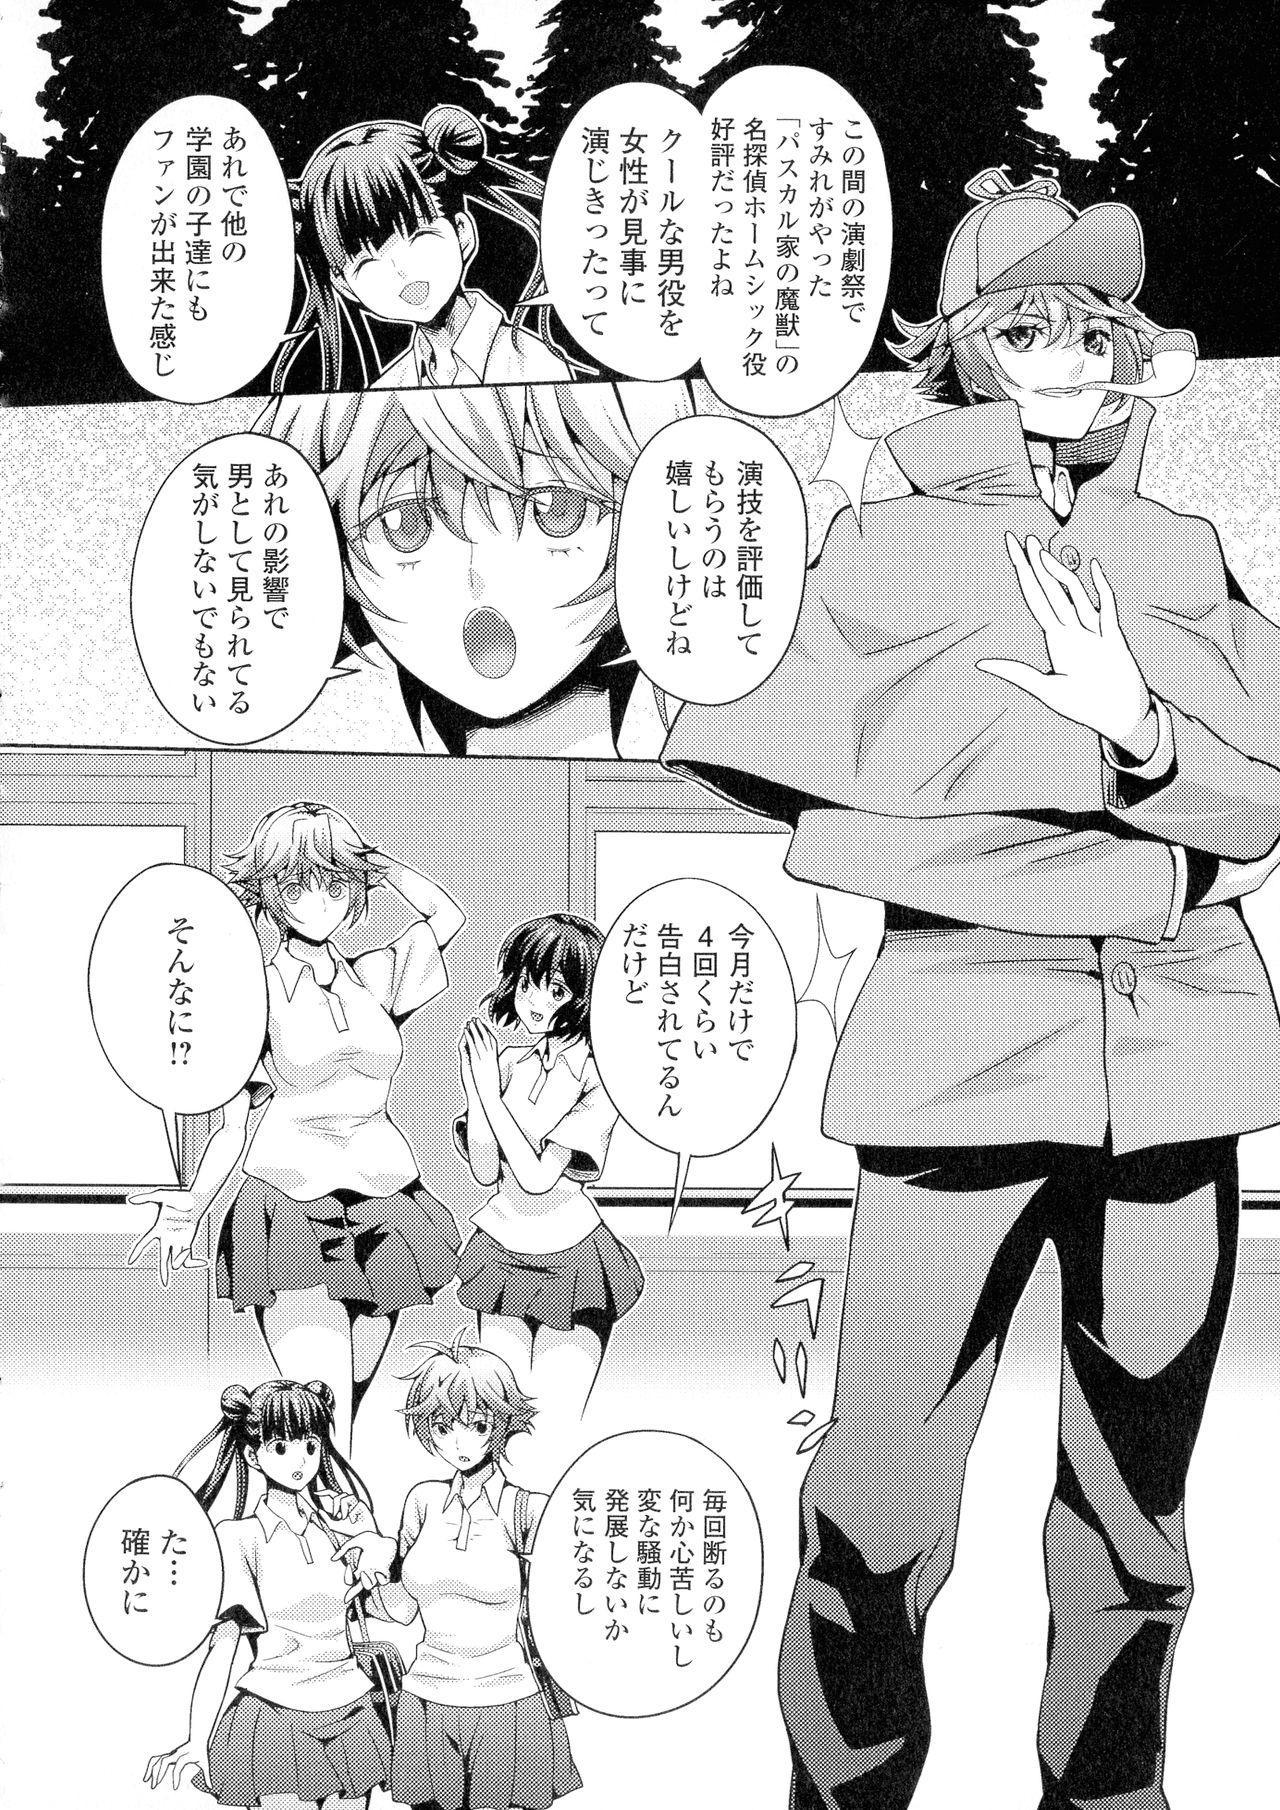 Futanari Tsunagari - Androgynos Sexual intercourse 34